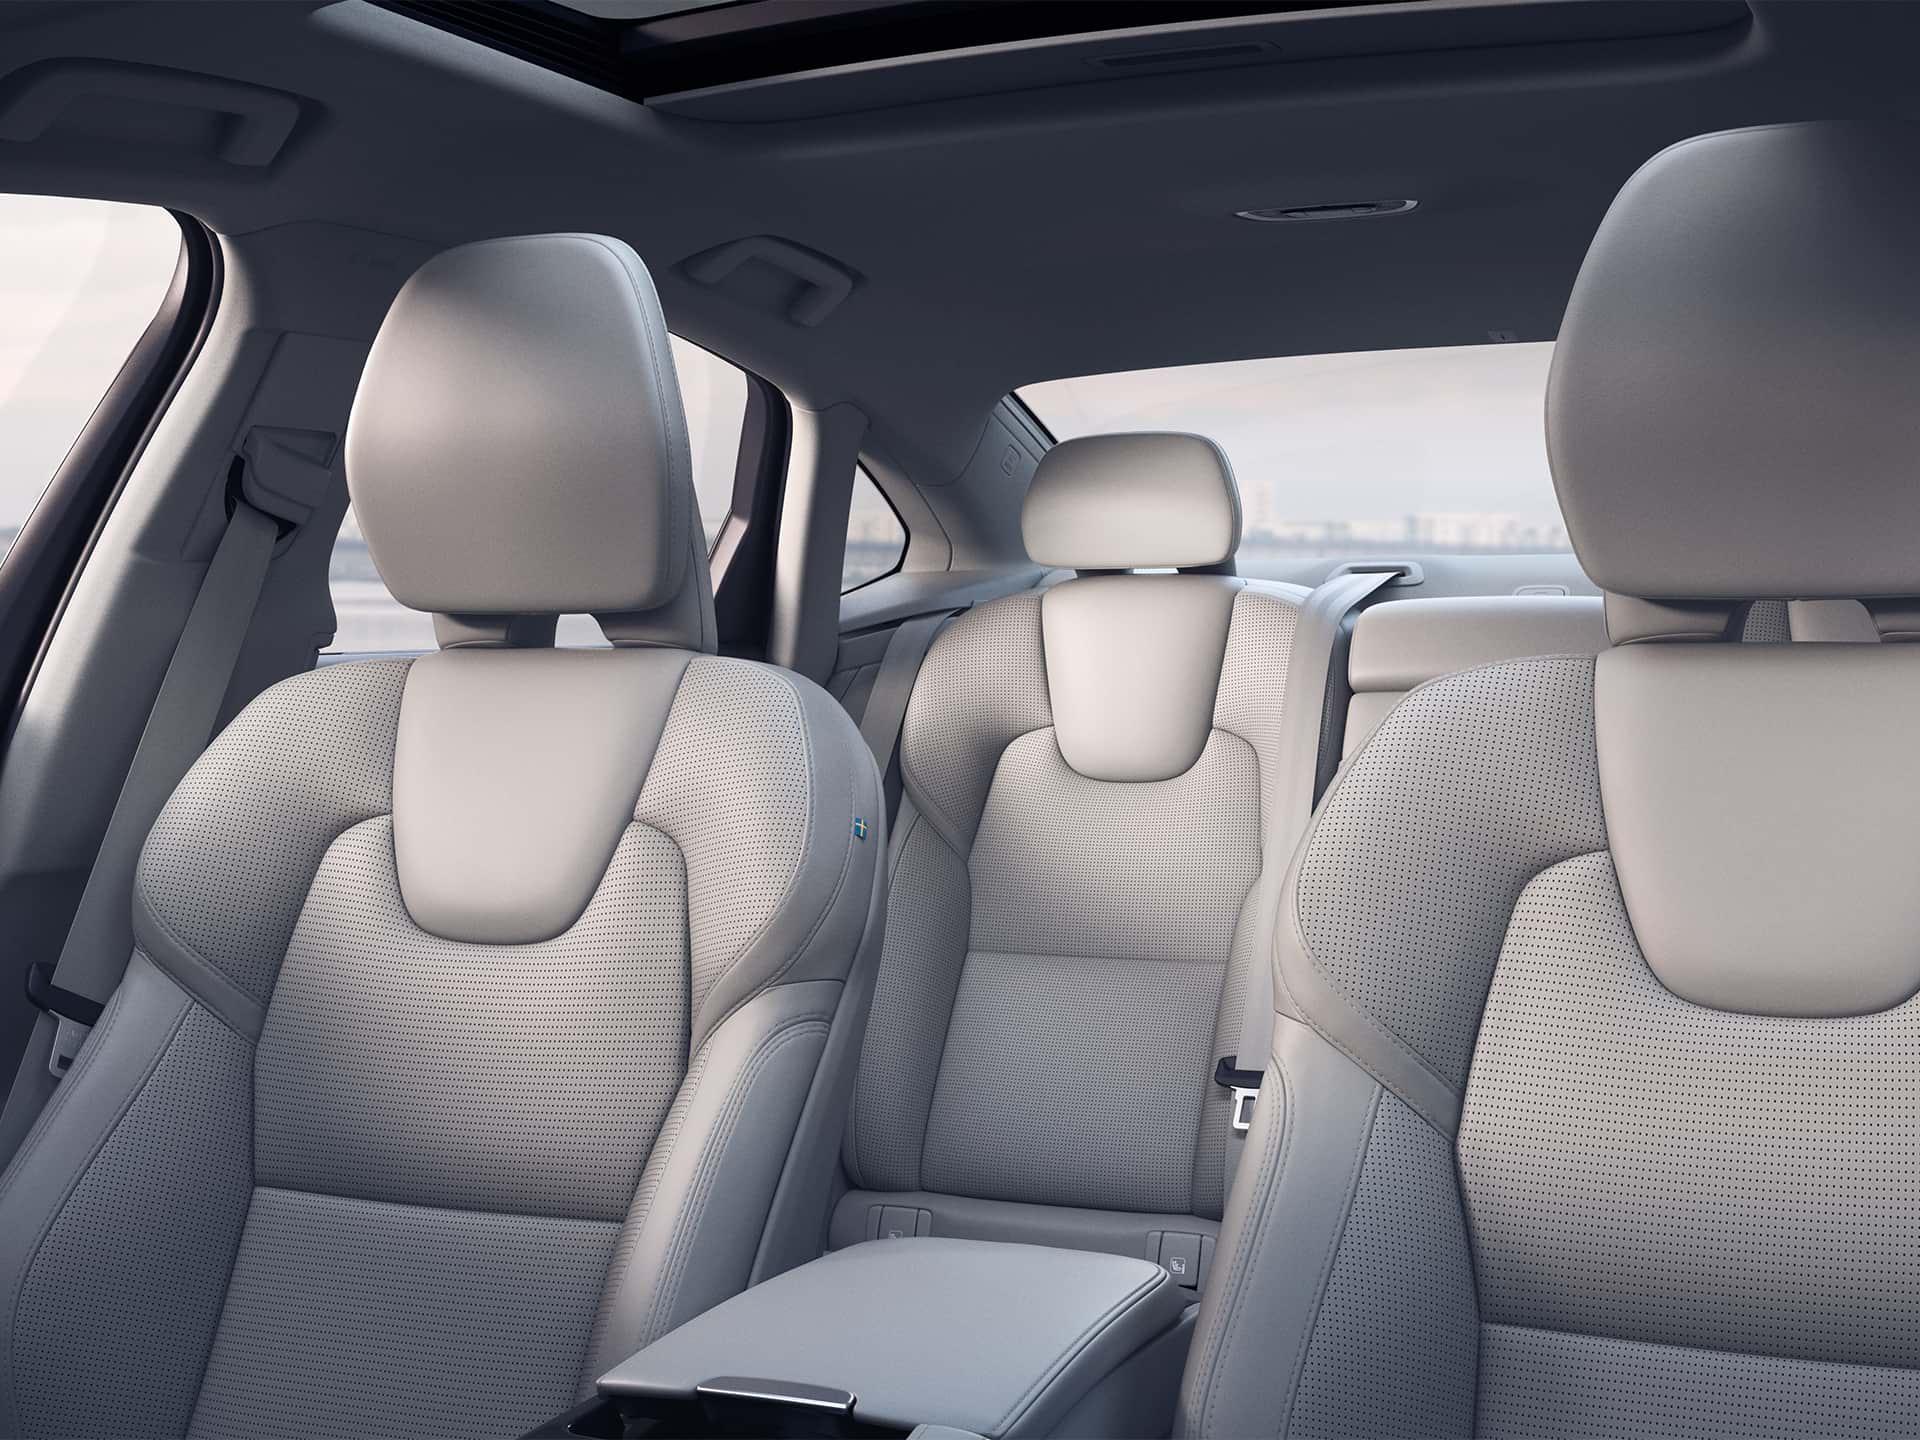 O interior de um sedan Volvo, interior Blond